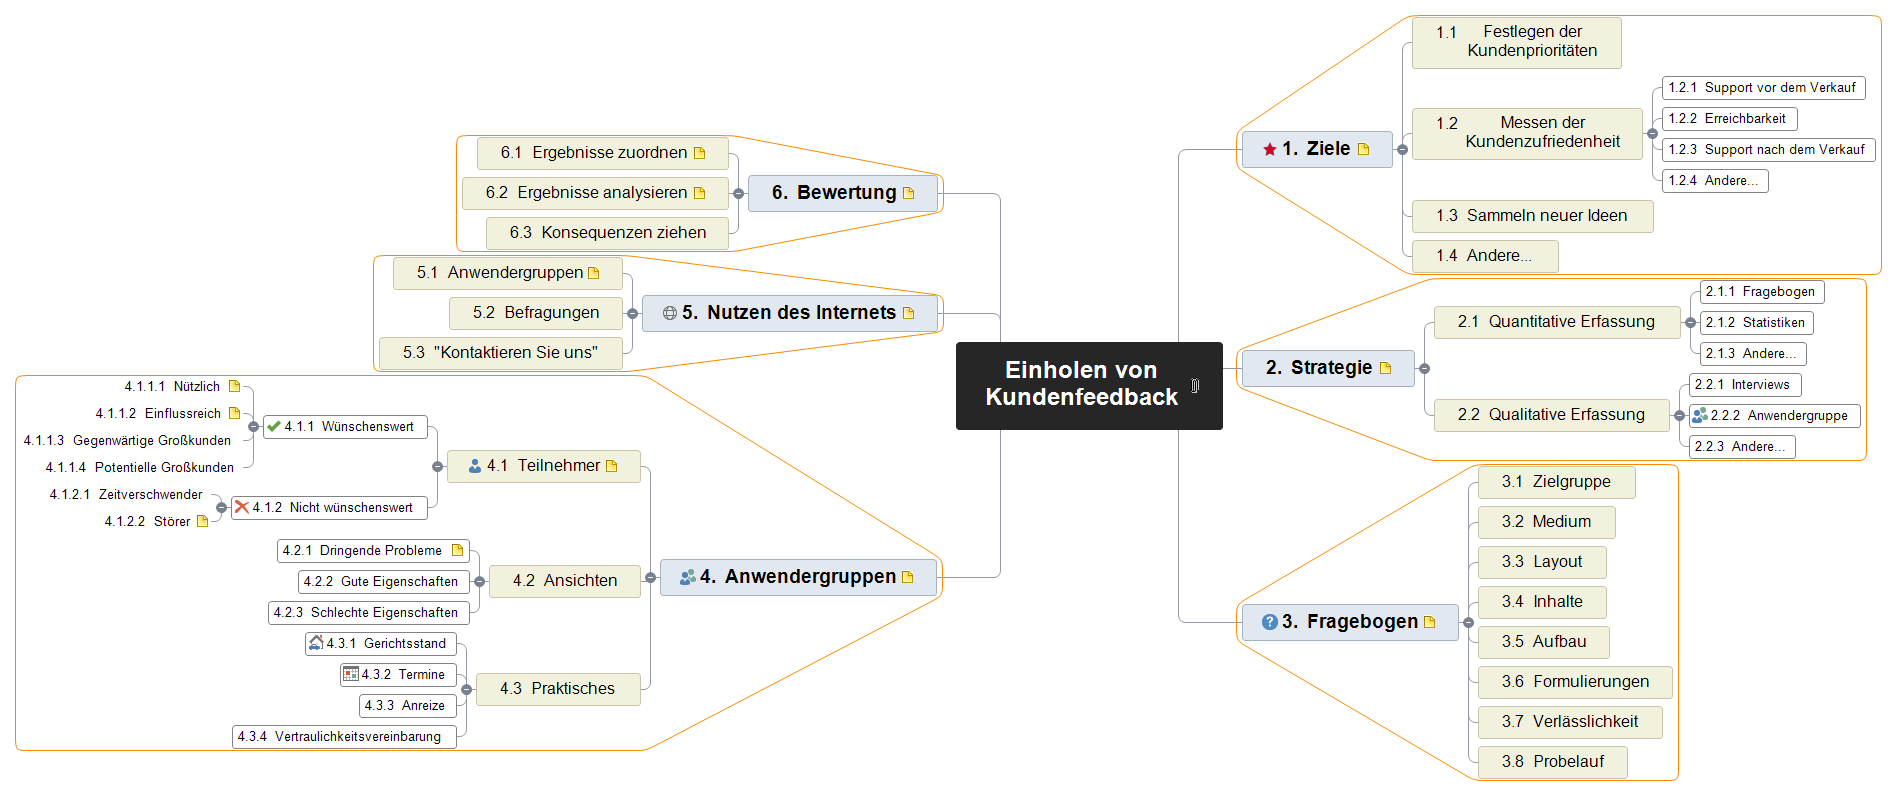 Einholen von Kundenfeedback Mind Map